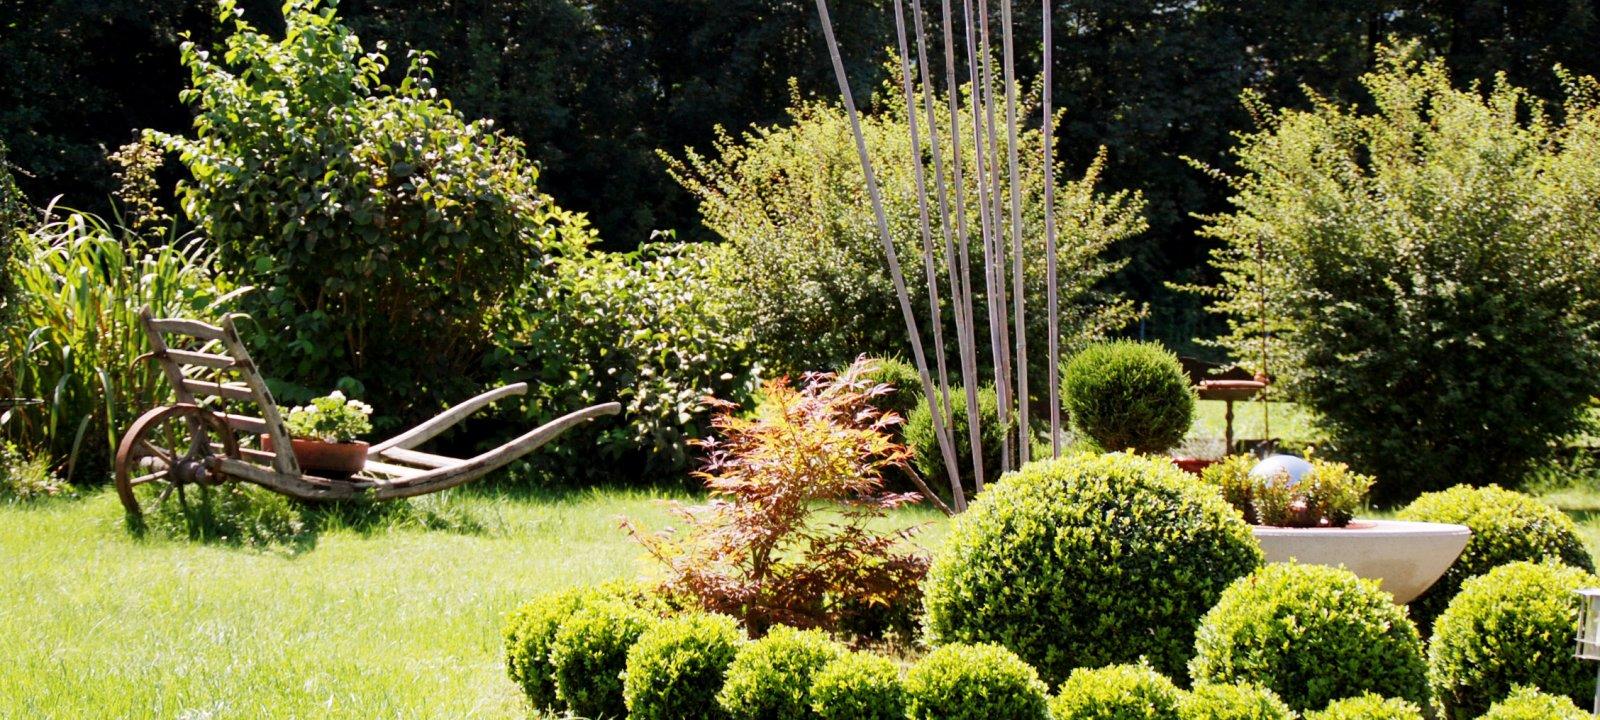 Das Essigmanngut verbindet Tradition und Moderne - vor allem im Garten.